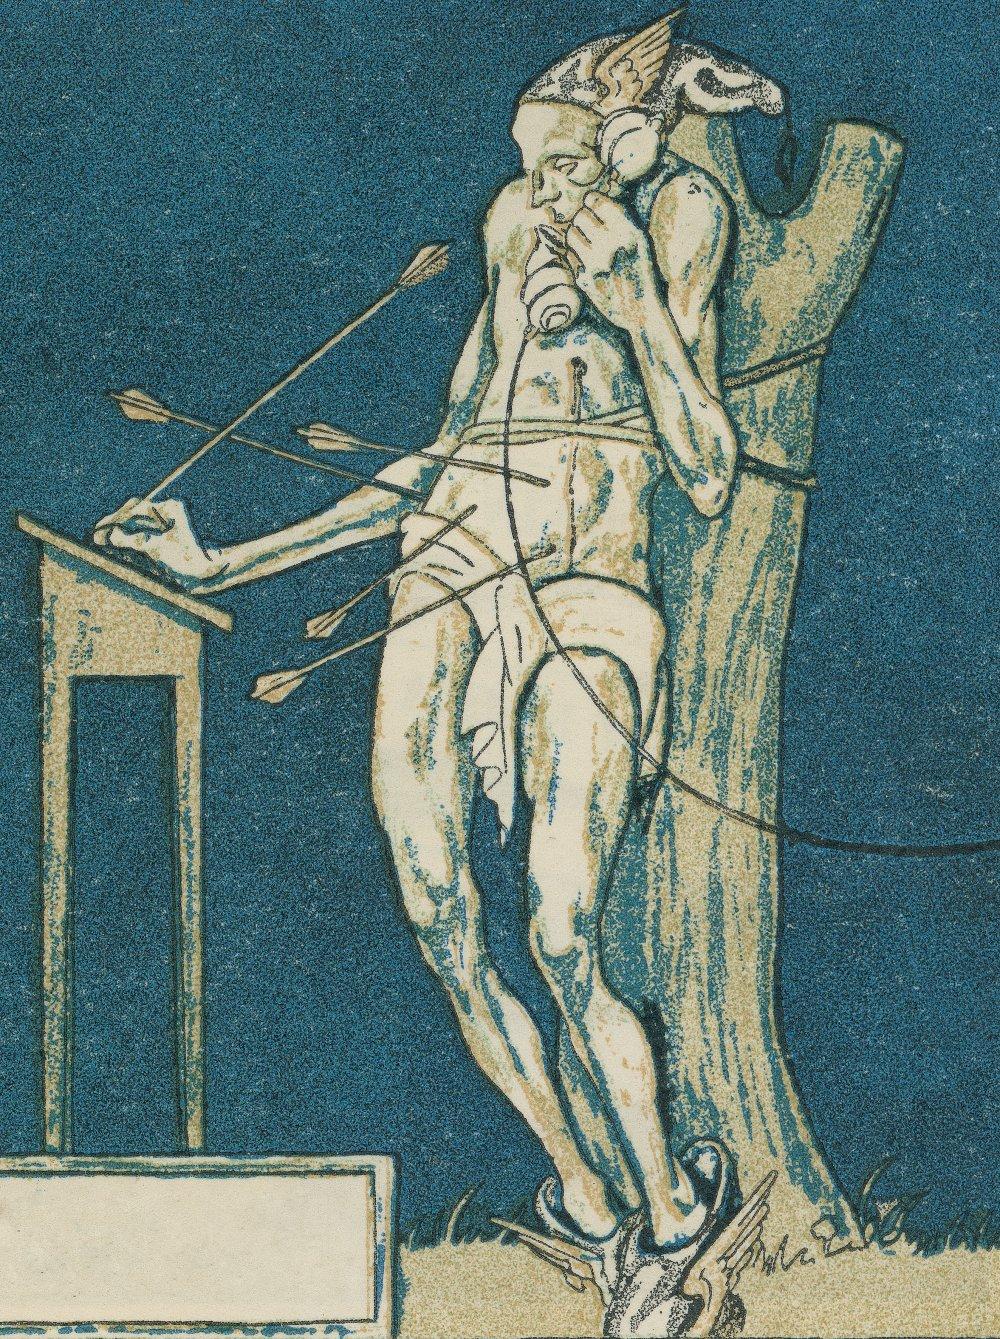 Expiration: 12/31/1921 (III)